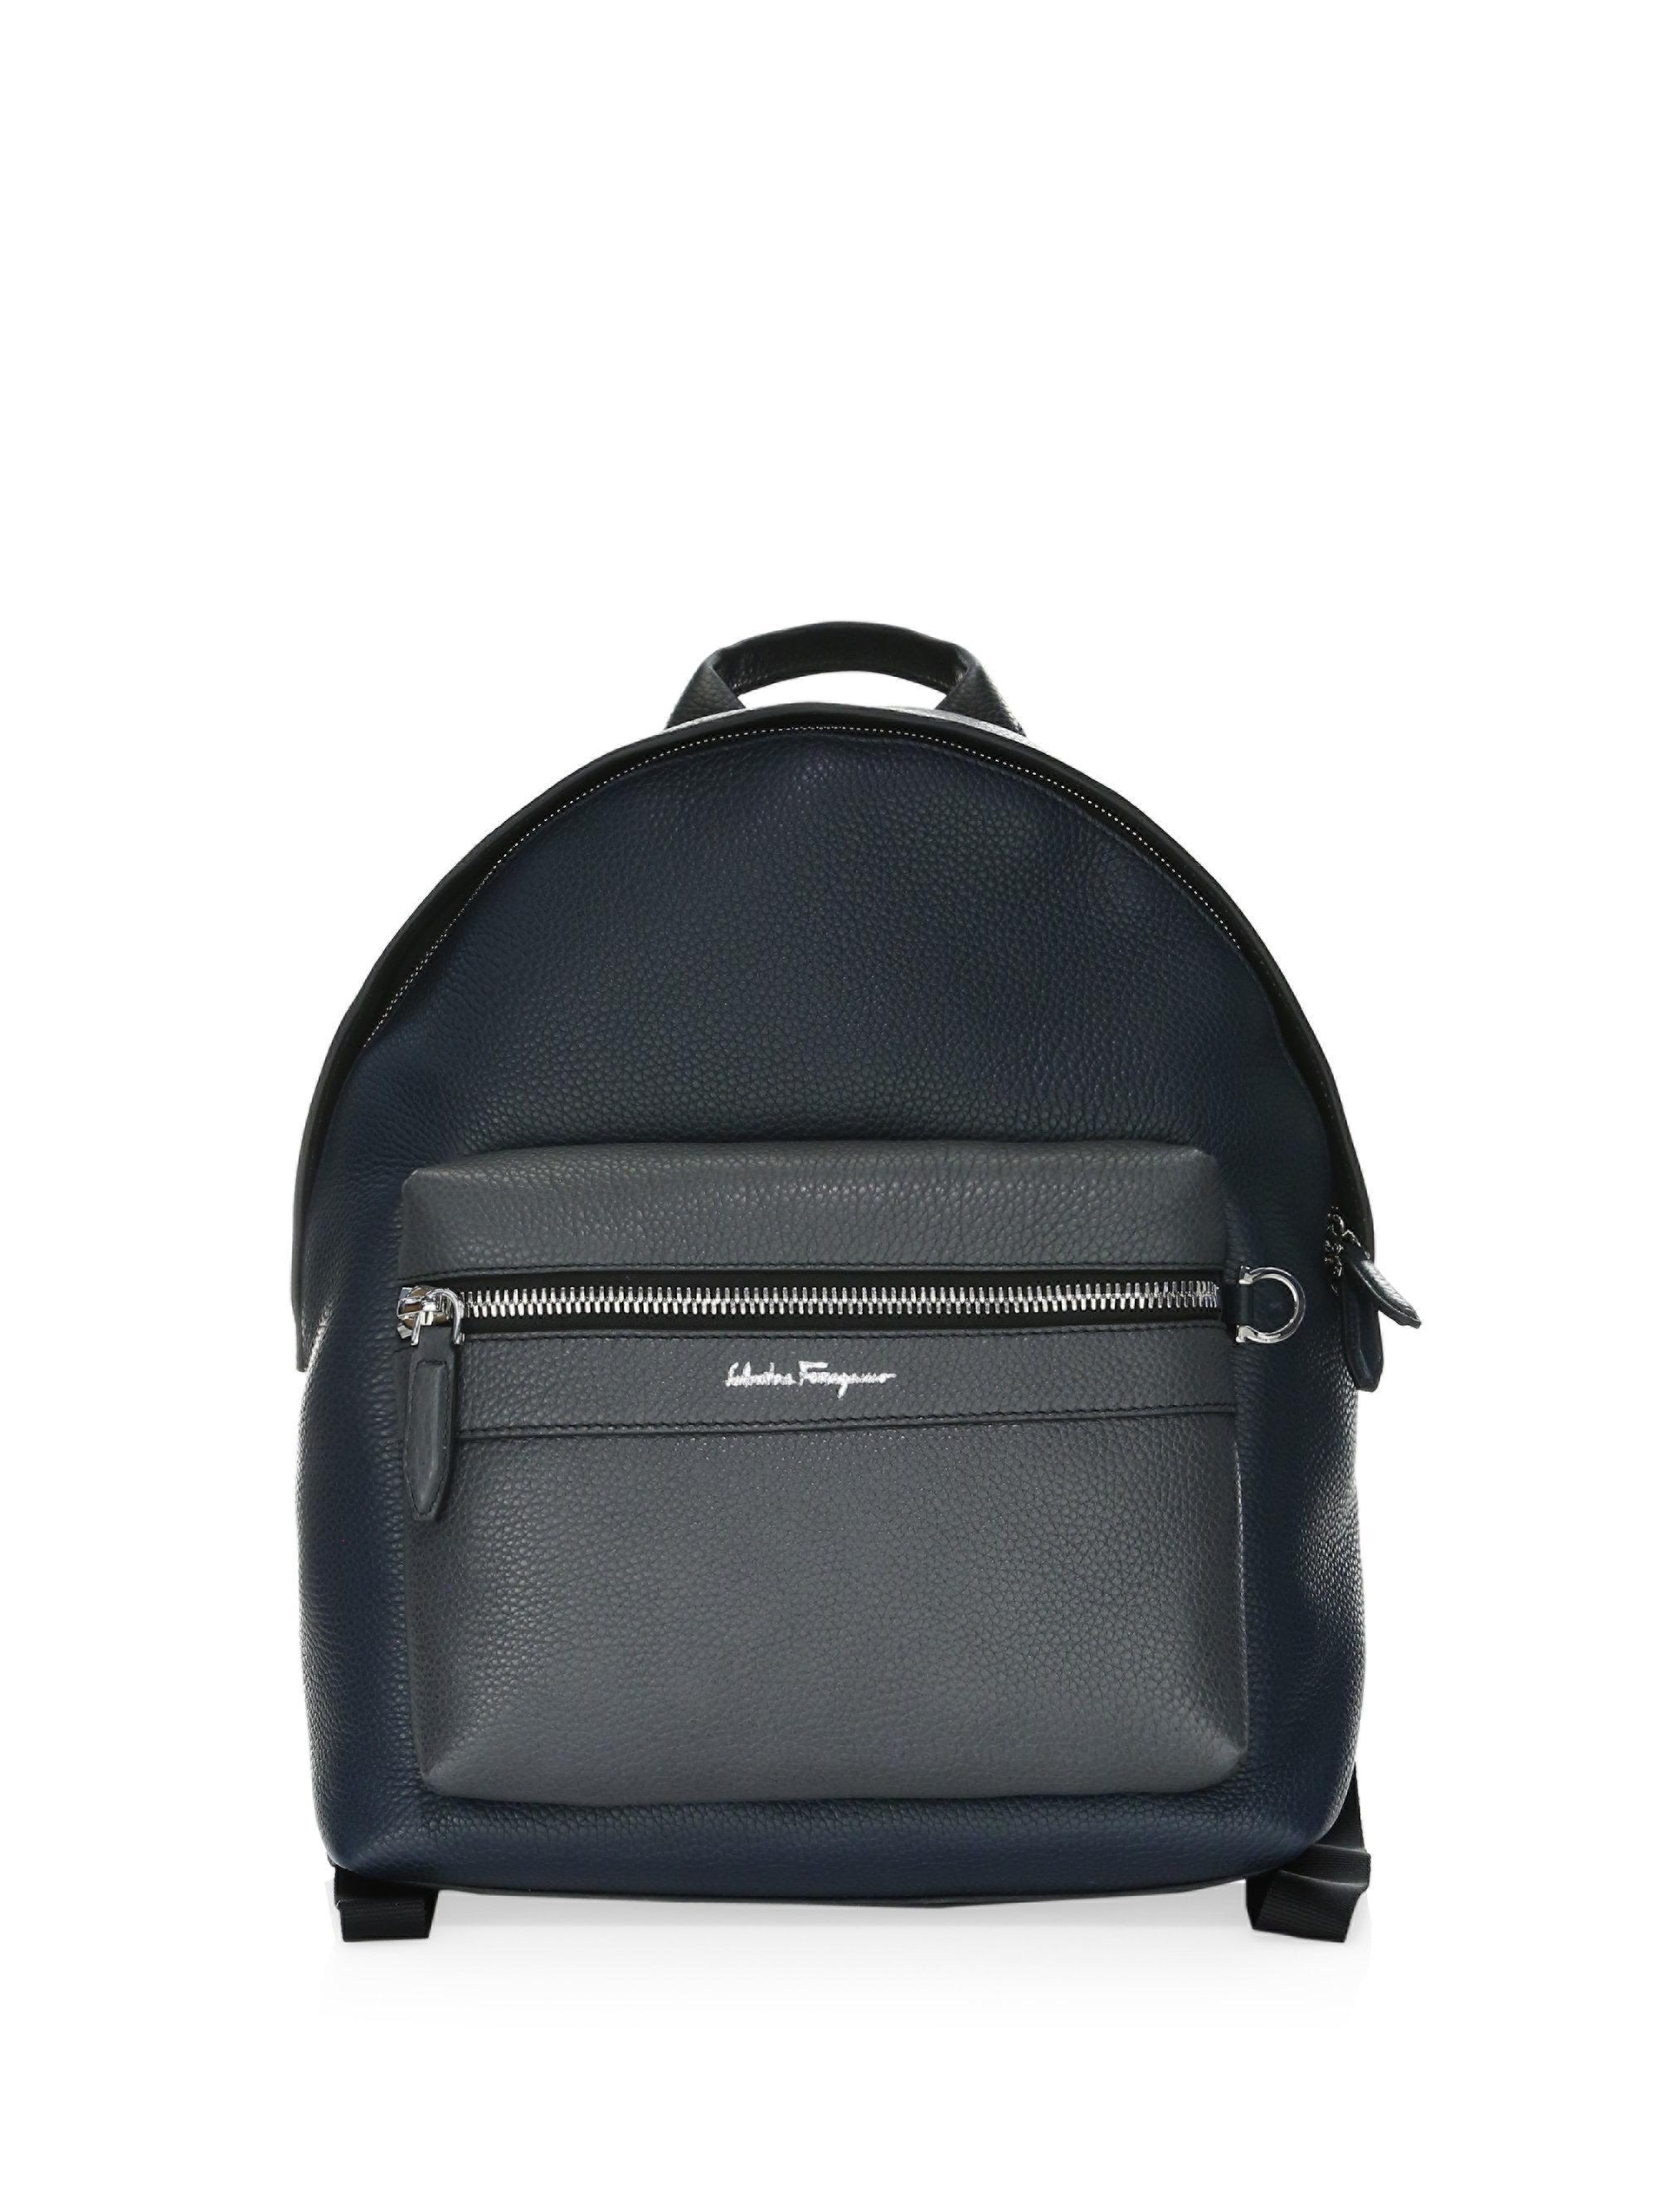 Ferragamo Firenze Colorblock Leather Backpack in Black for Men - Lyst b8a66ead740fb